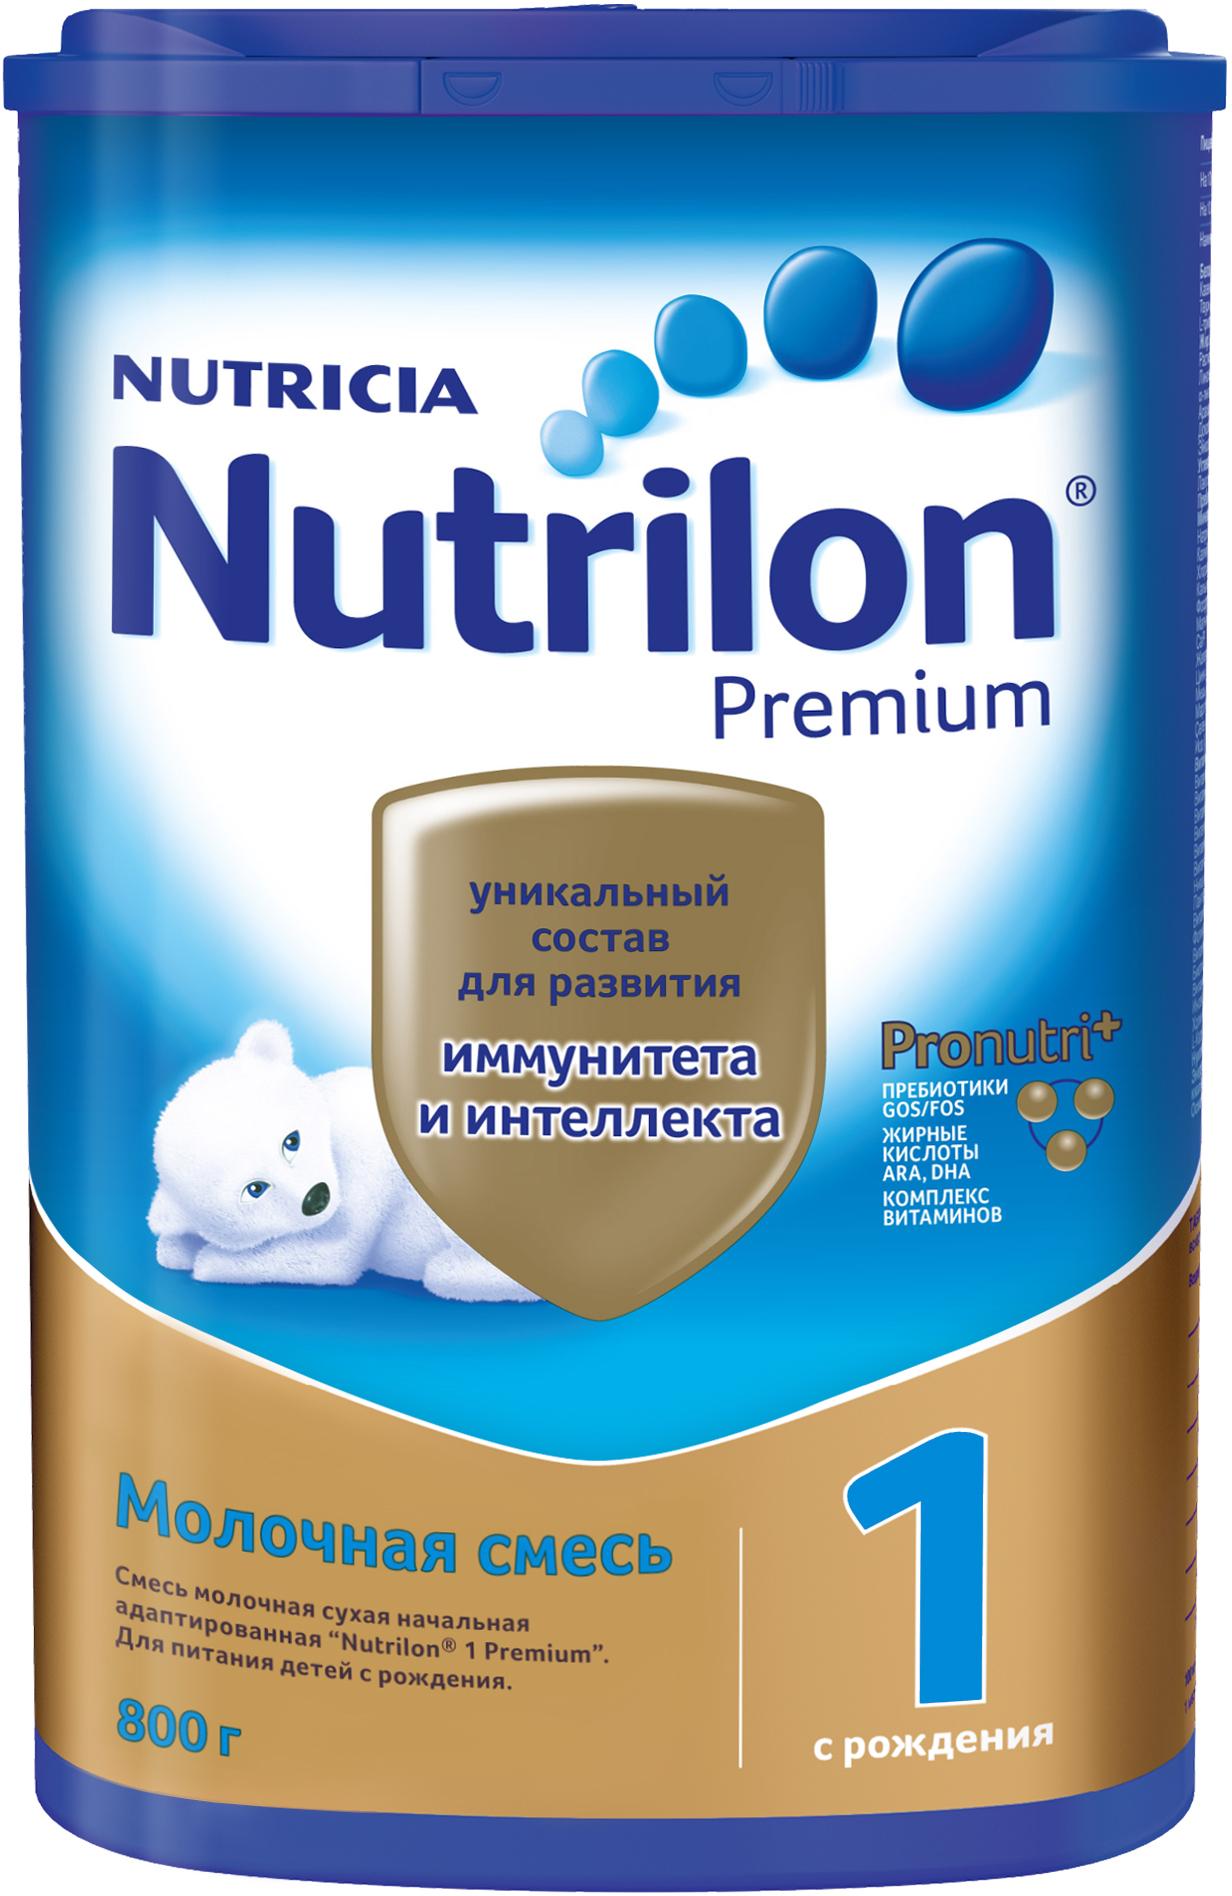 Молочная смесь Nutricia Nutrilon (Nutricia) 1 Premium (c рождения) 800 г александр балашов камни прошлого